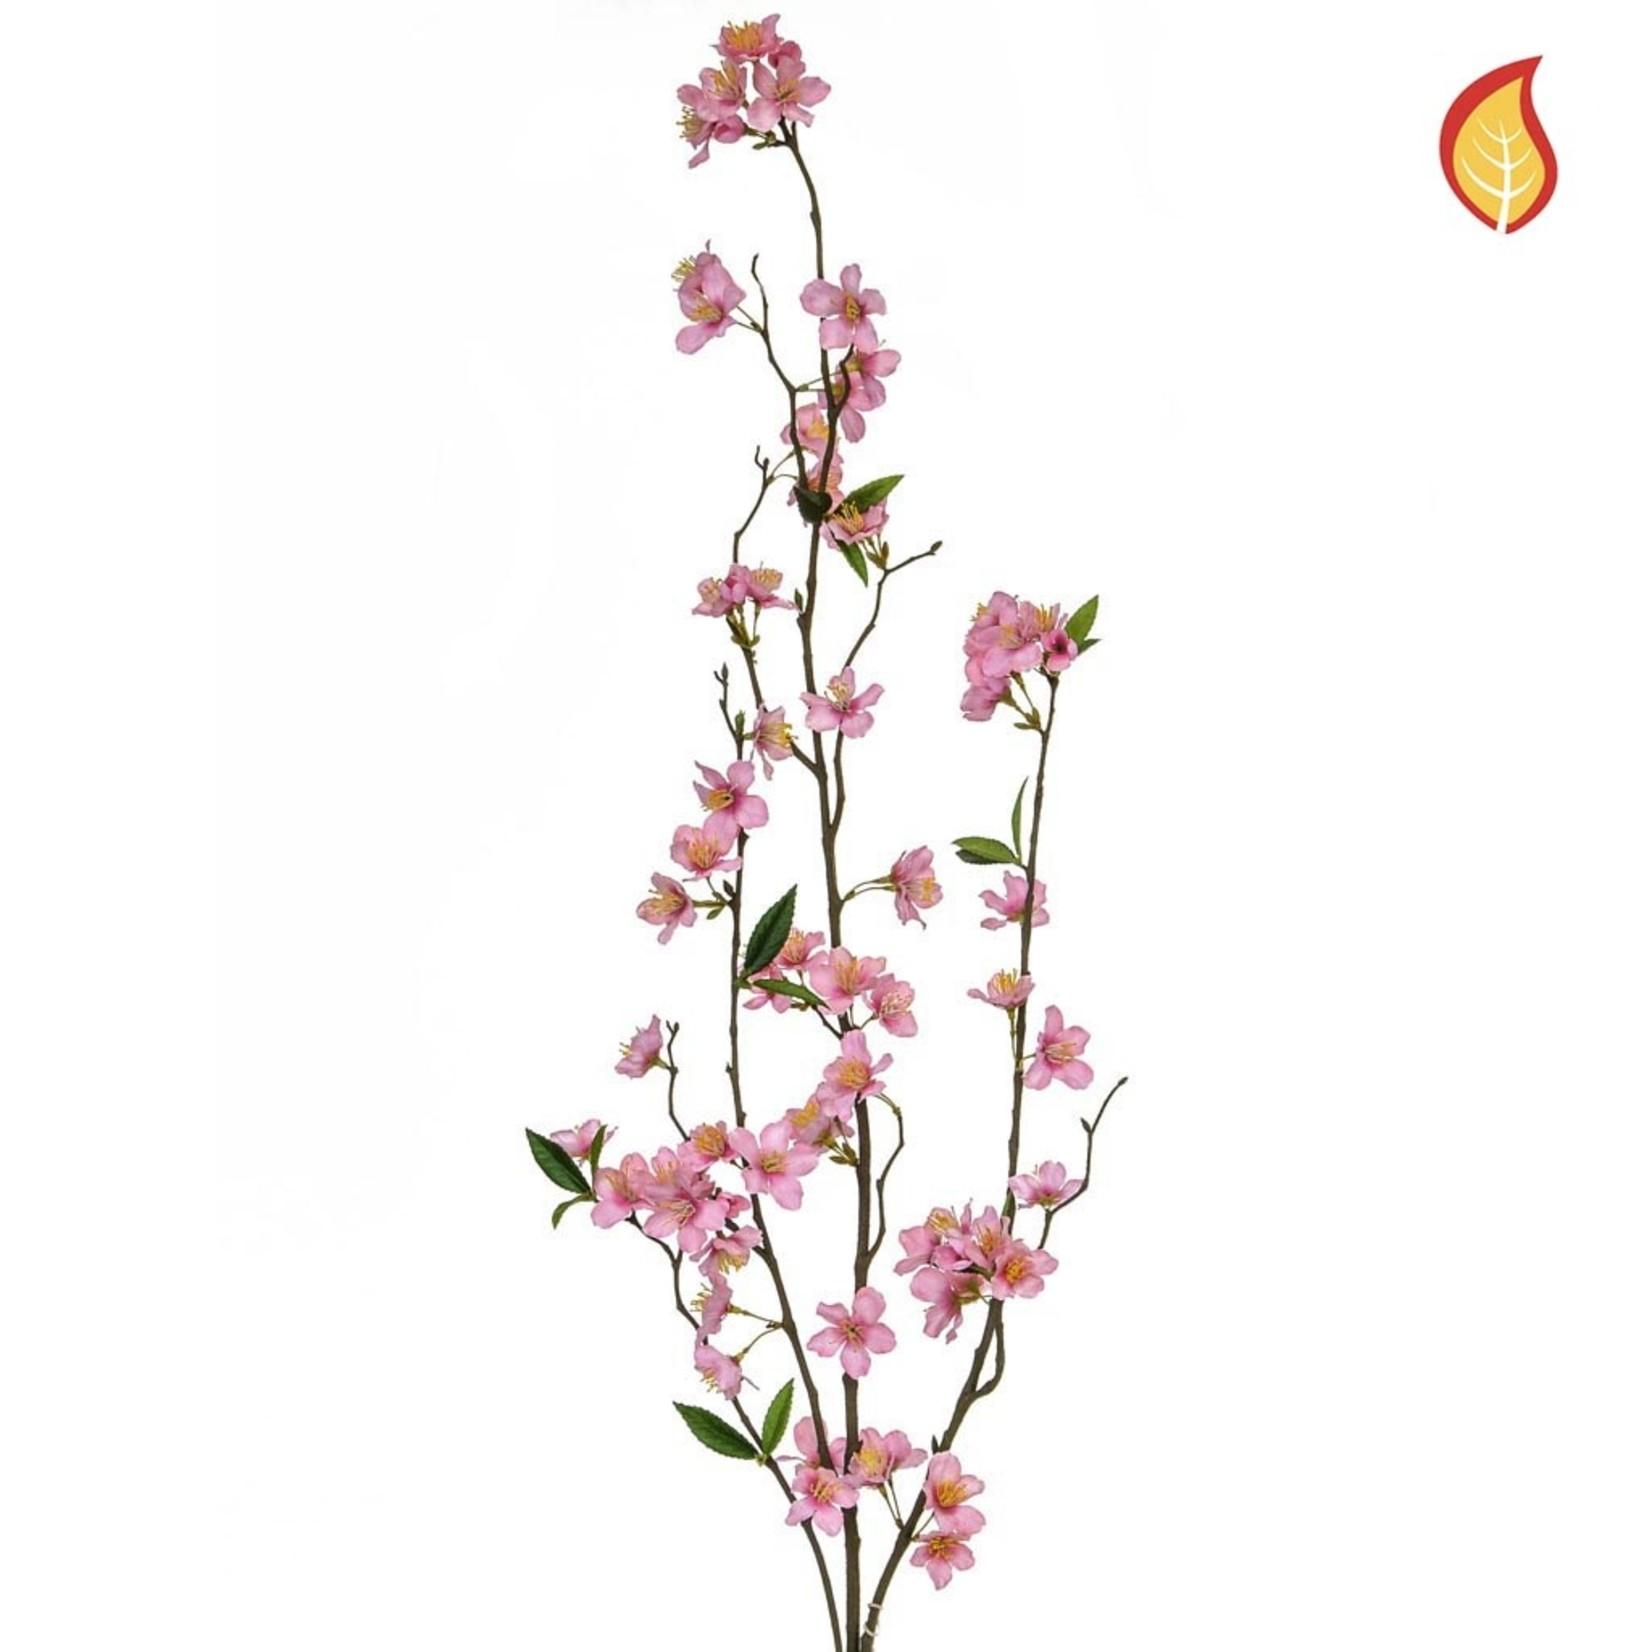 Foliage Flw Cherry Blsm DB Pink 118cm FR